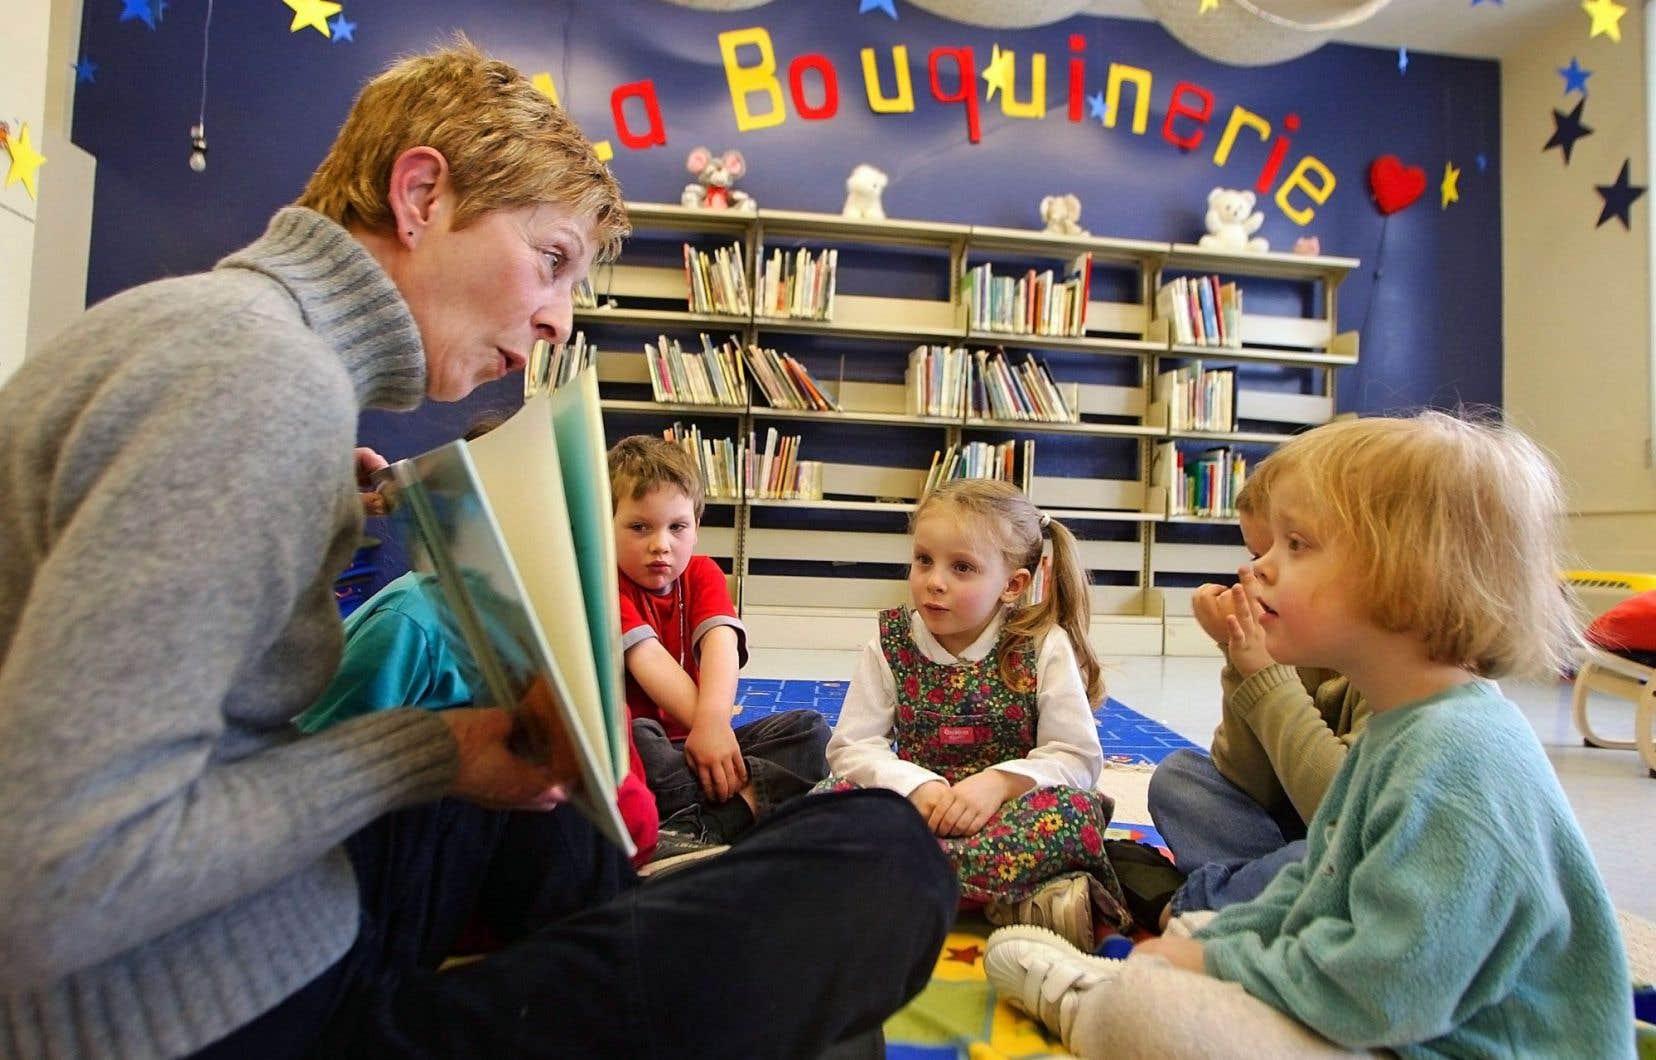 «La maîtrise du code [alphabétique] est essentielle à la réussite et on réalise que, dans les milieux favorisés, plusieurs élèves arrivent à l'école en sachant déjà leur alphabet, mais c'est moins le cas dans les milieux défavorisés», explique Monique Brodeur, doyenne de la Faculté des sciences de l'éducation à l'Université du Québec à Montréal (UQAM).